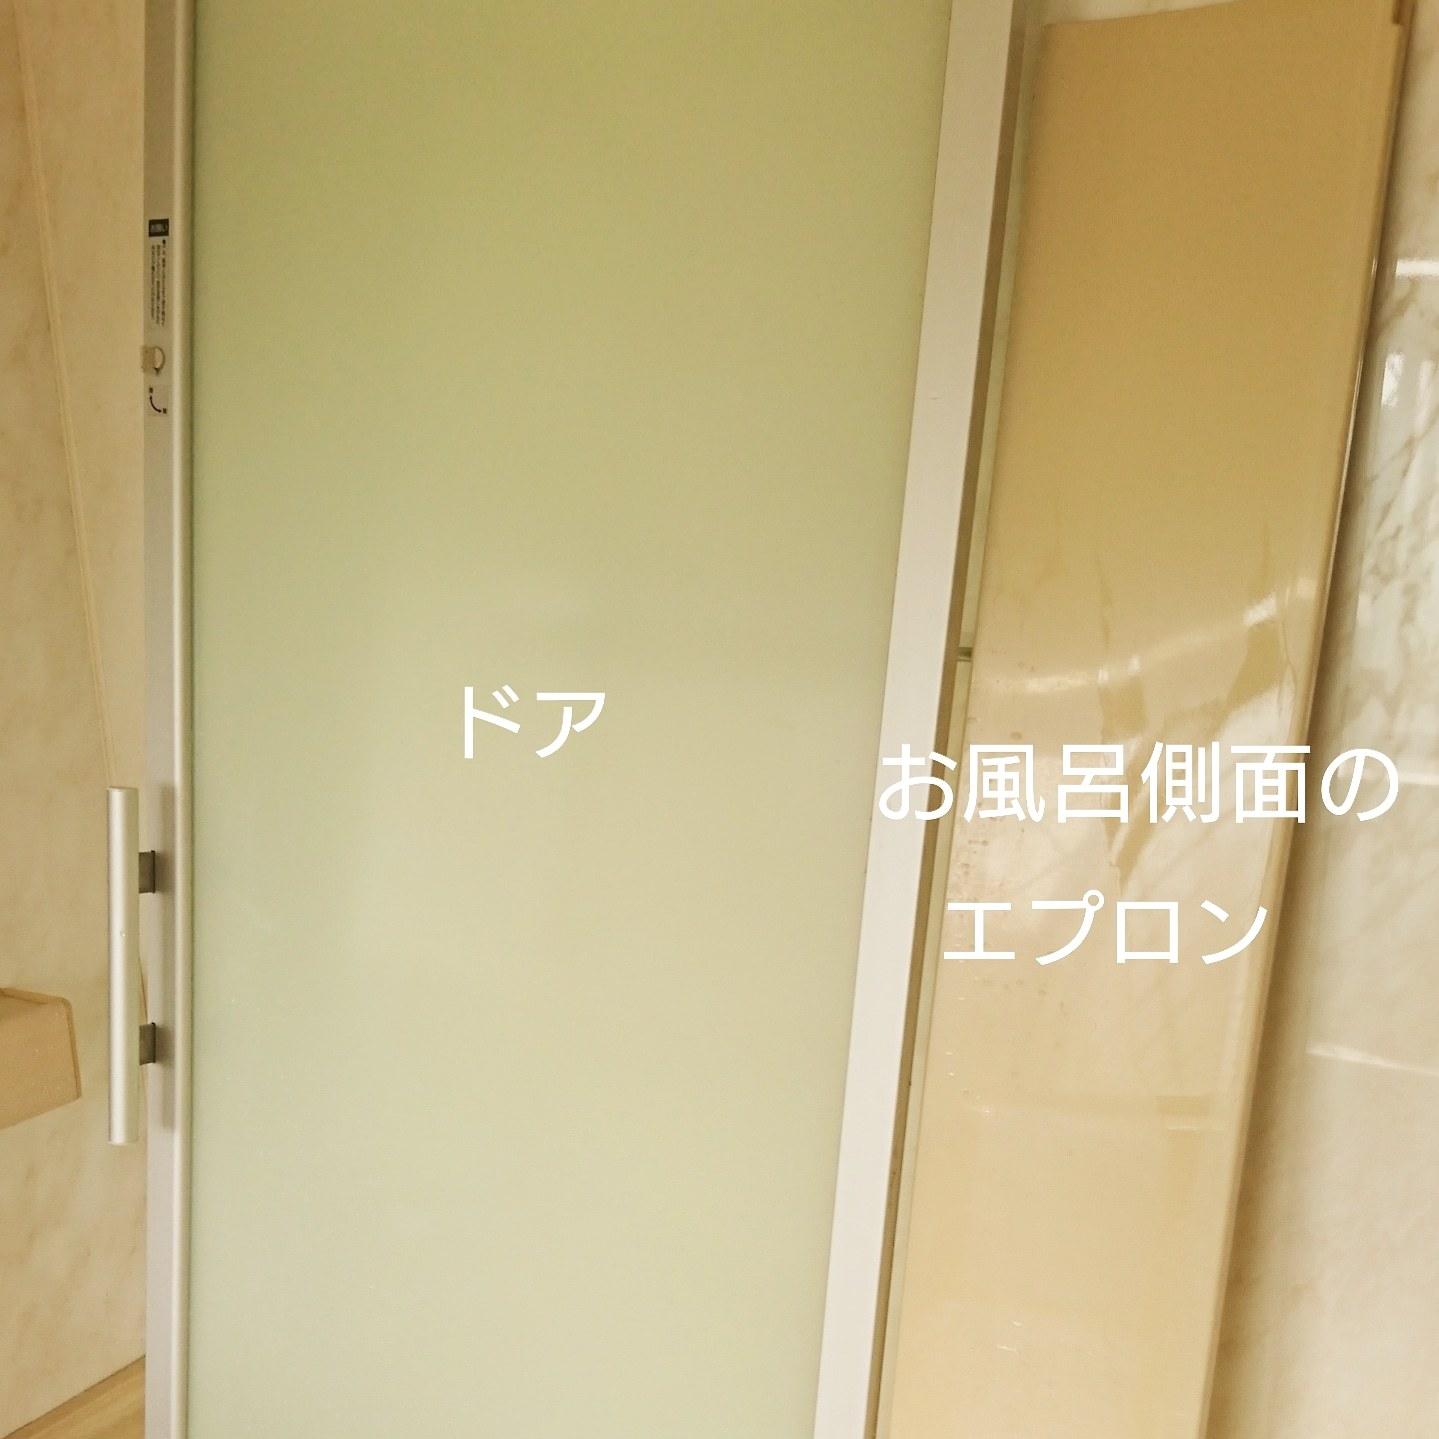 ++お風呂掃除*++_e0354456_08253818.jpg